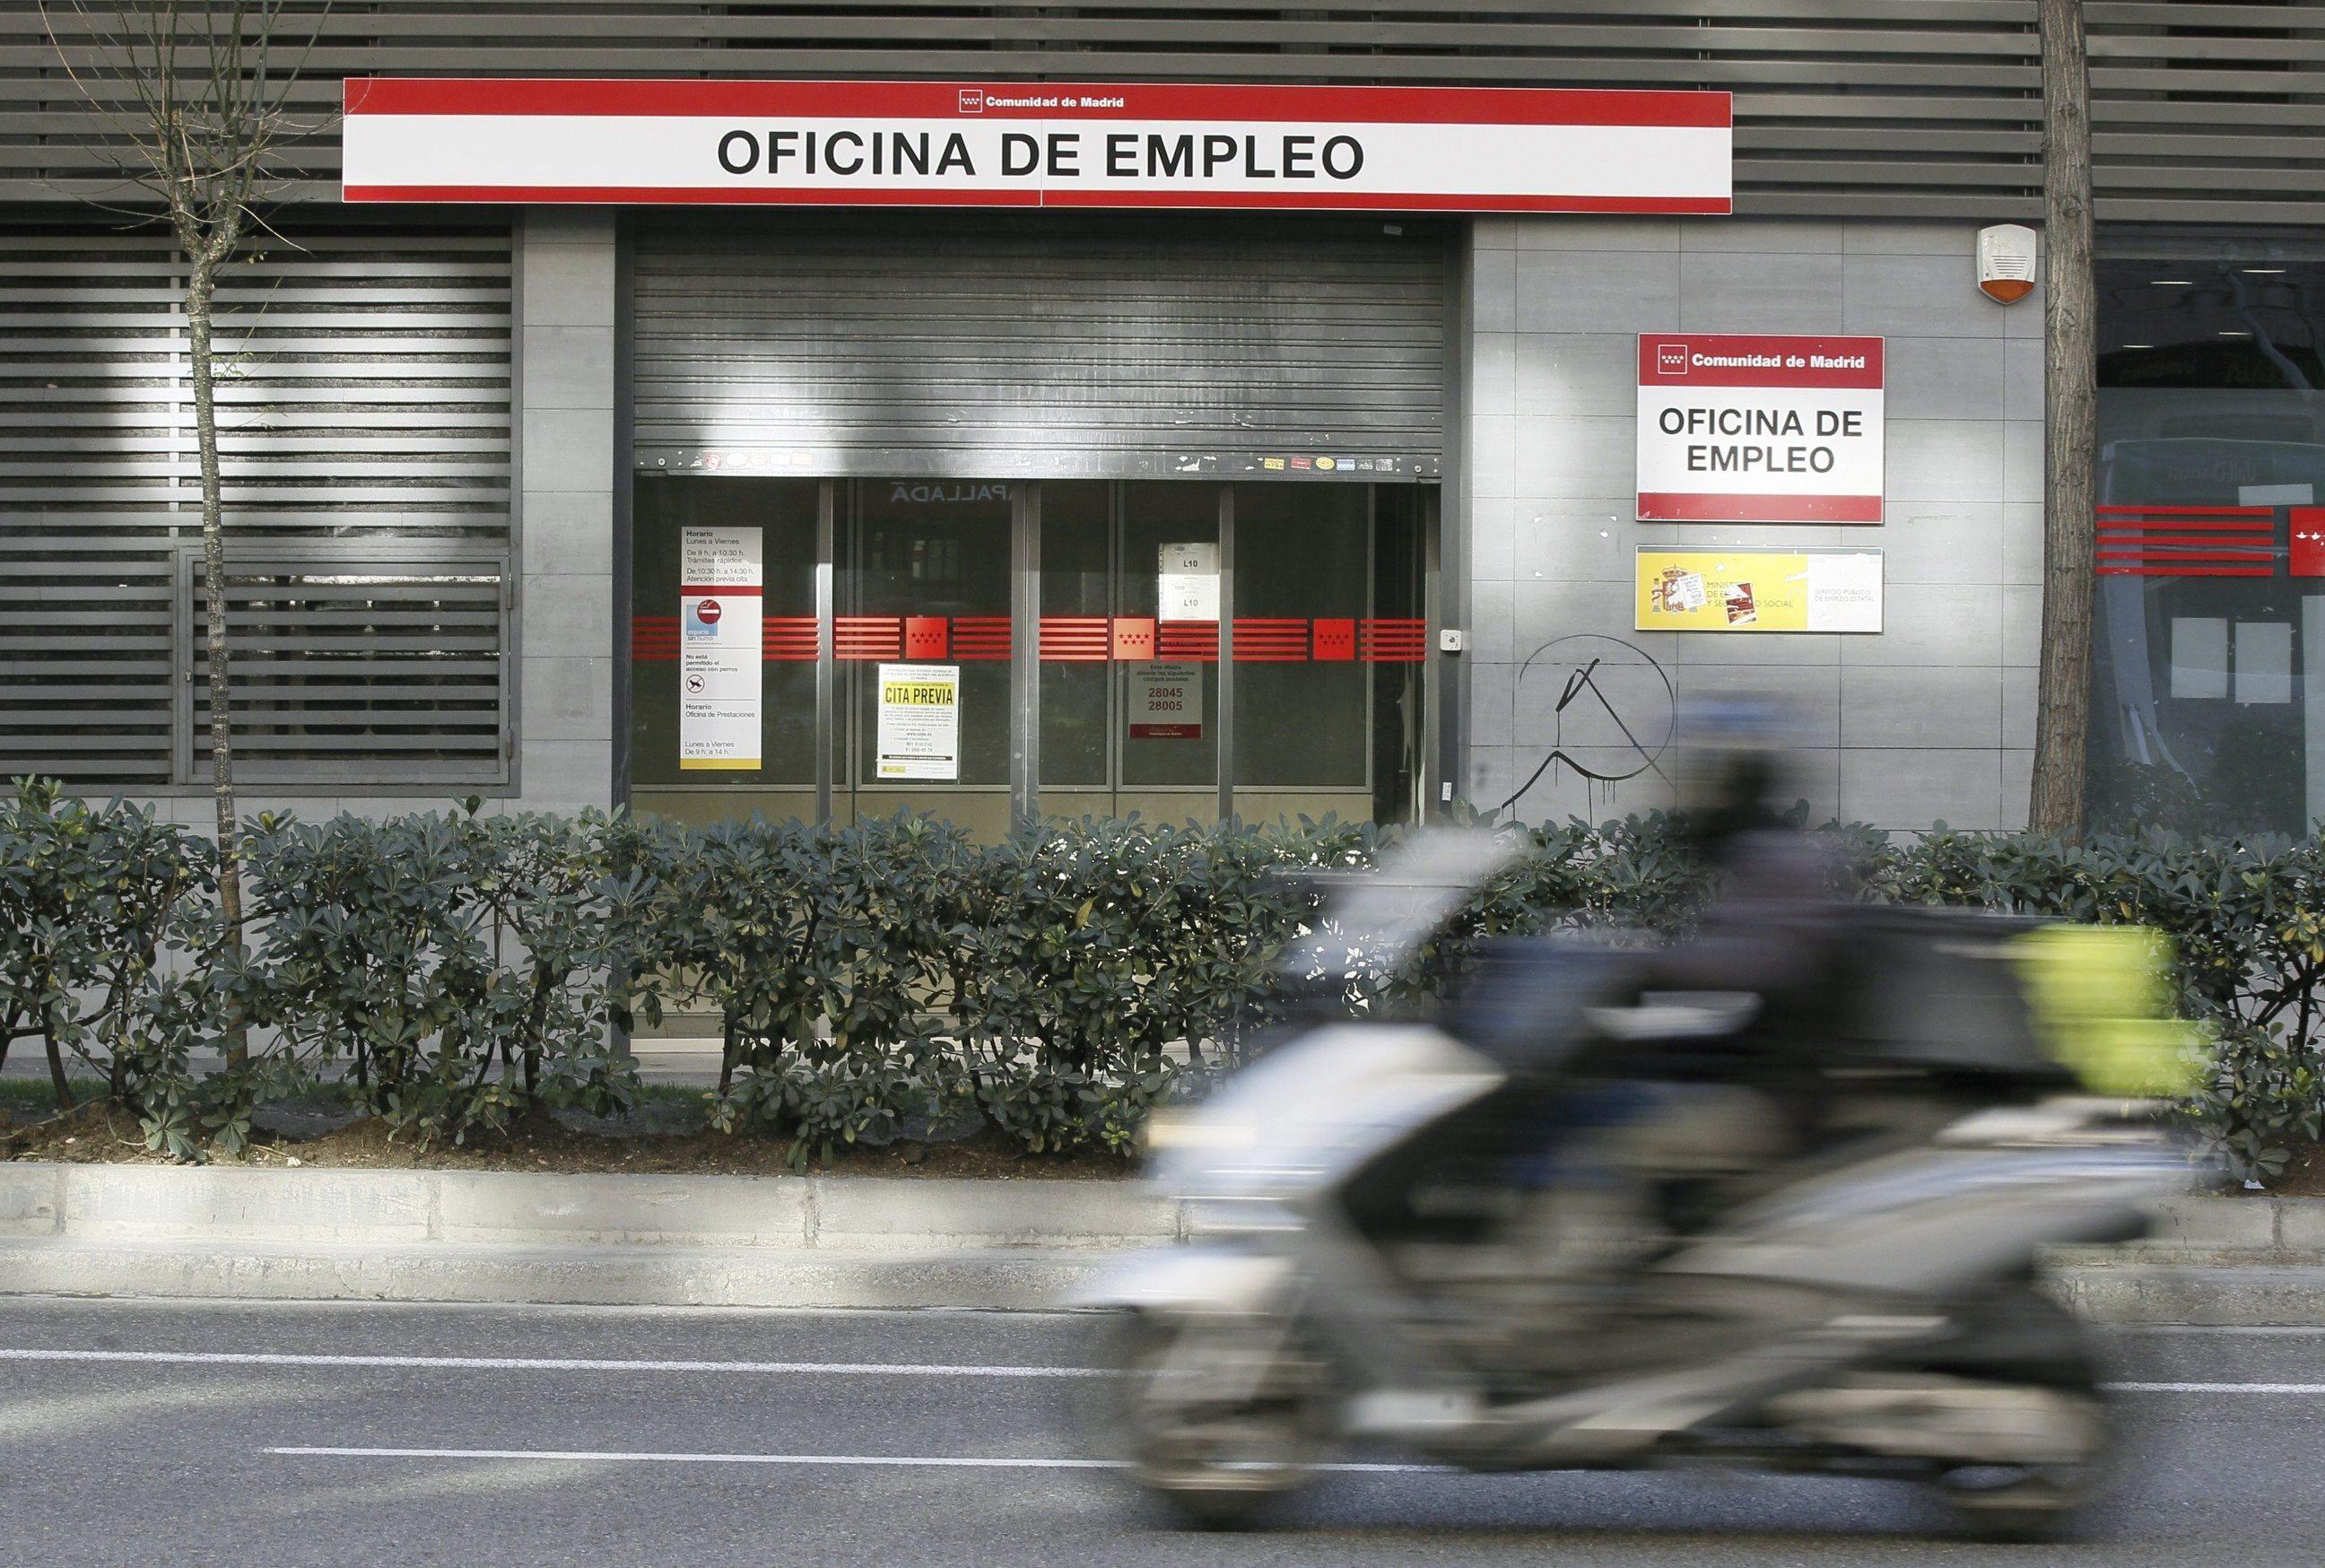 Taxa de desemprego em Espanha sobe ligeiramente para 14,7%